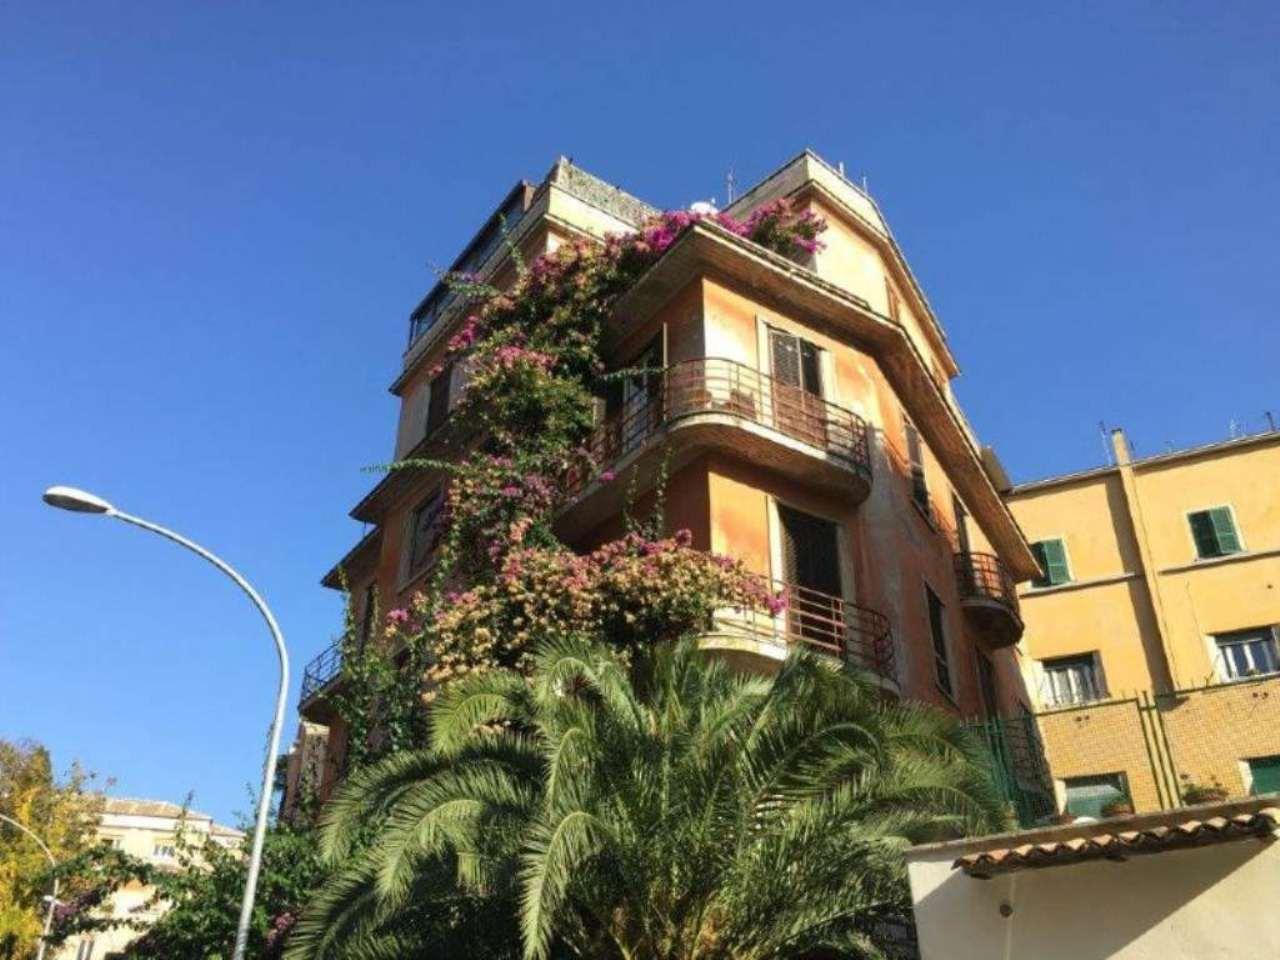 Appartamento in Vendita a Roma 18 Aventino / San Saba: 5 locali, 140 mq